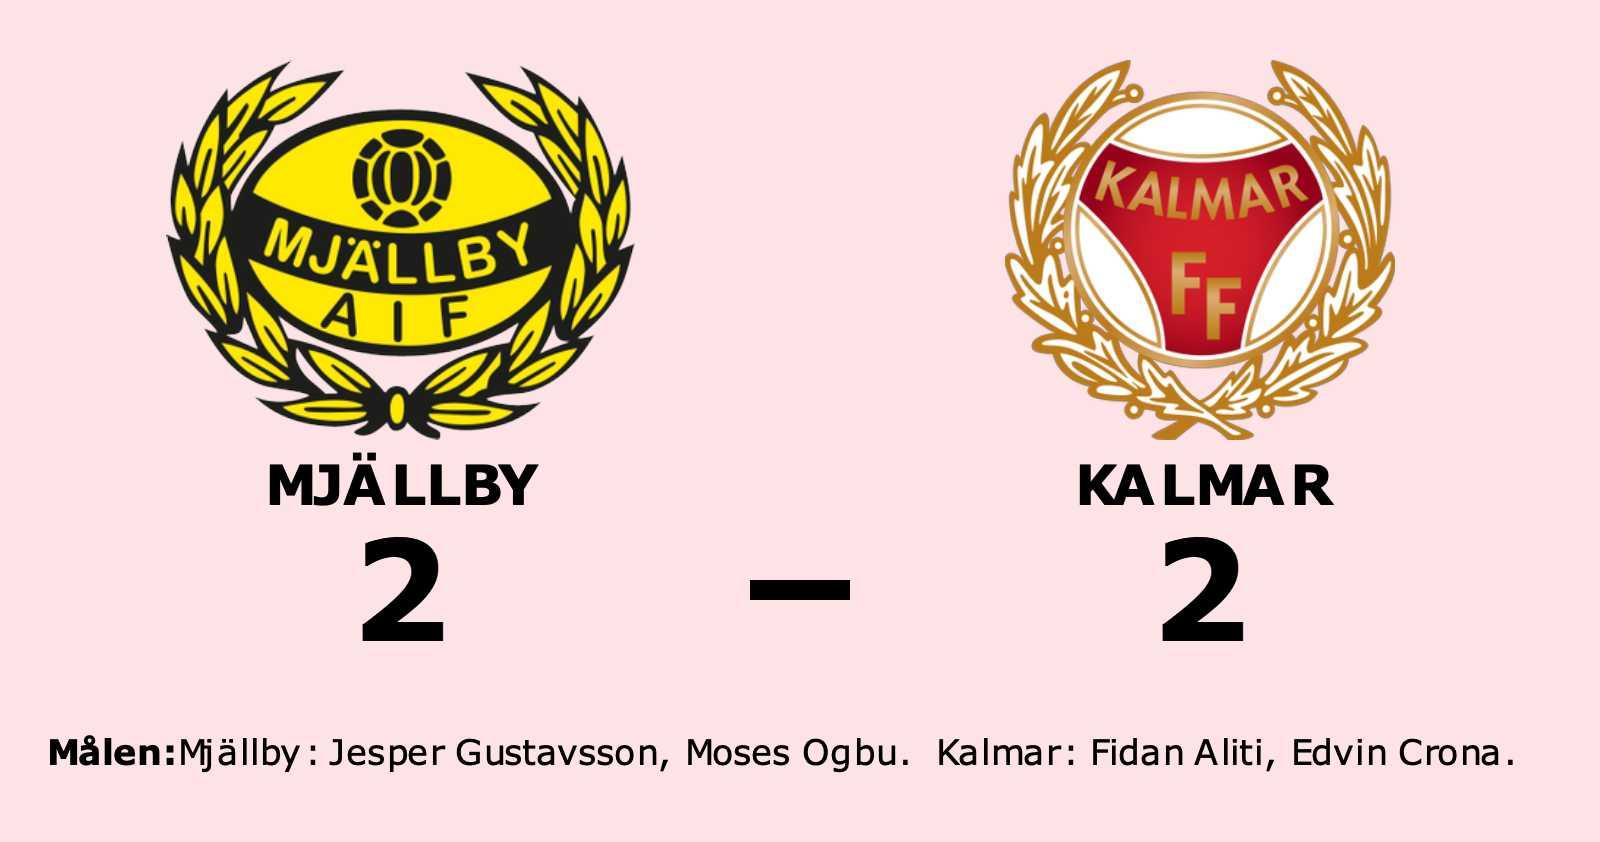 Fortsatt tungt för Kalmar - oavgjort mot Mjällby